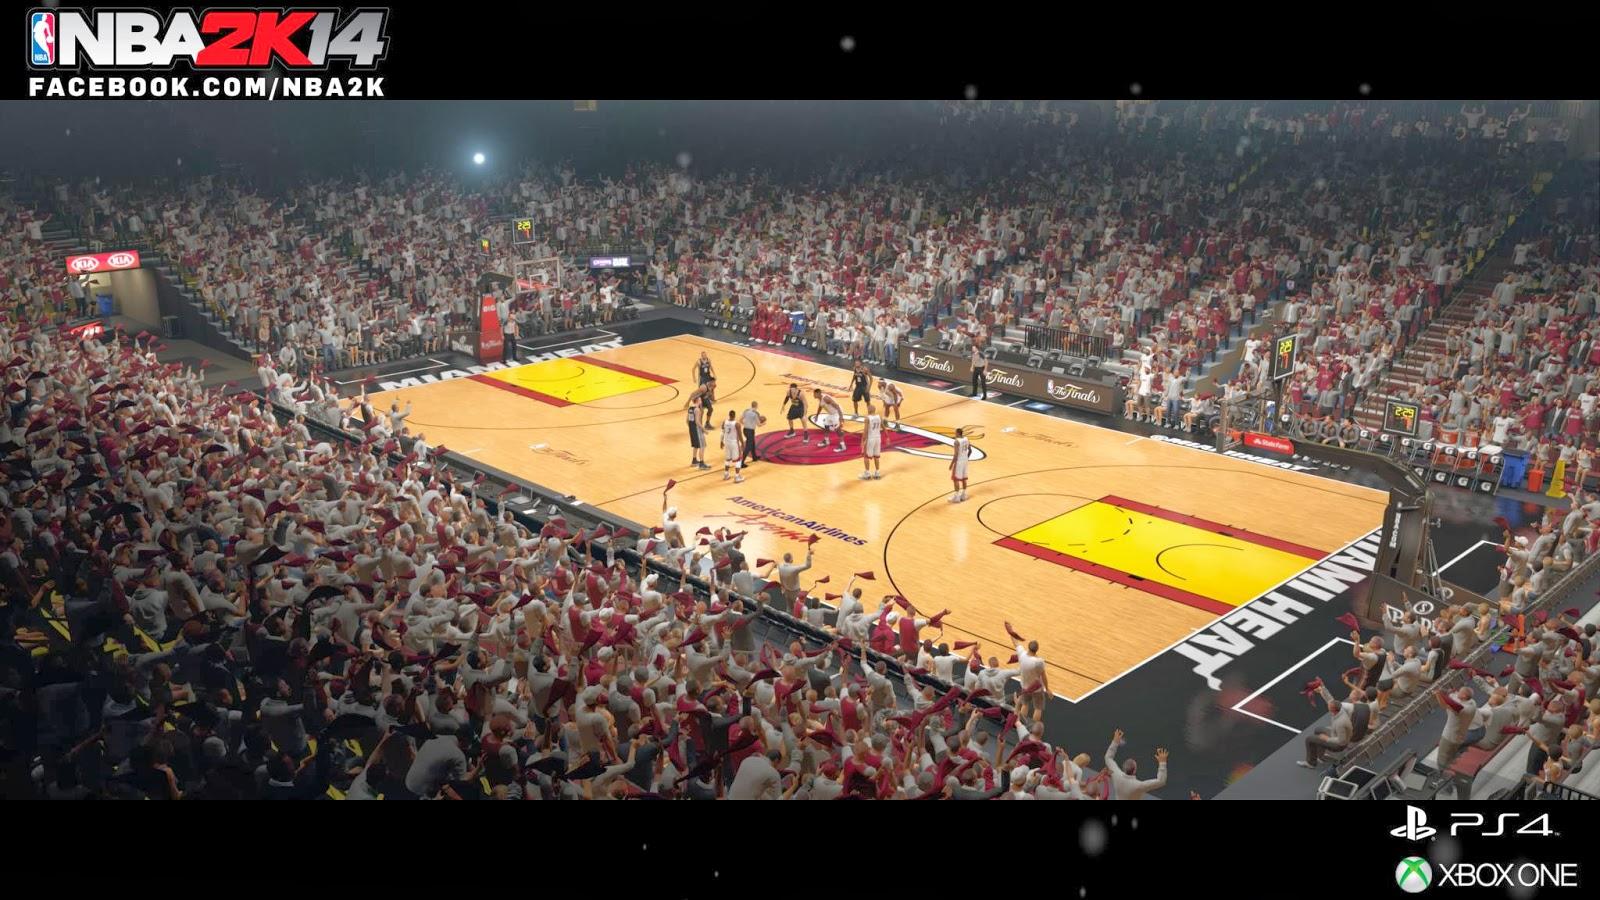 NBA 2K14 Next Gen HD Screenshots And Information NBA2KORG